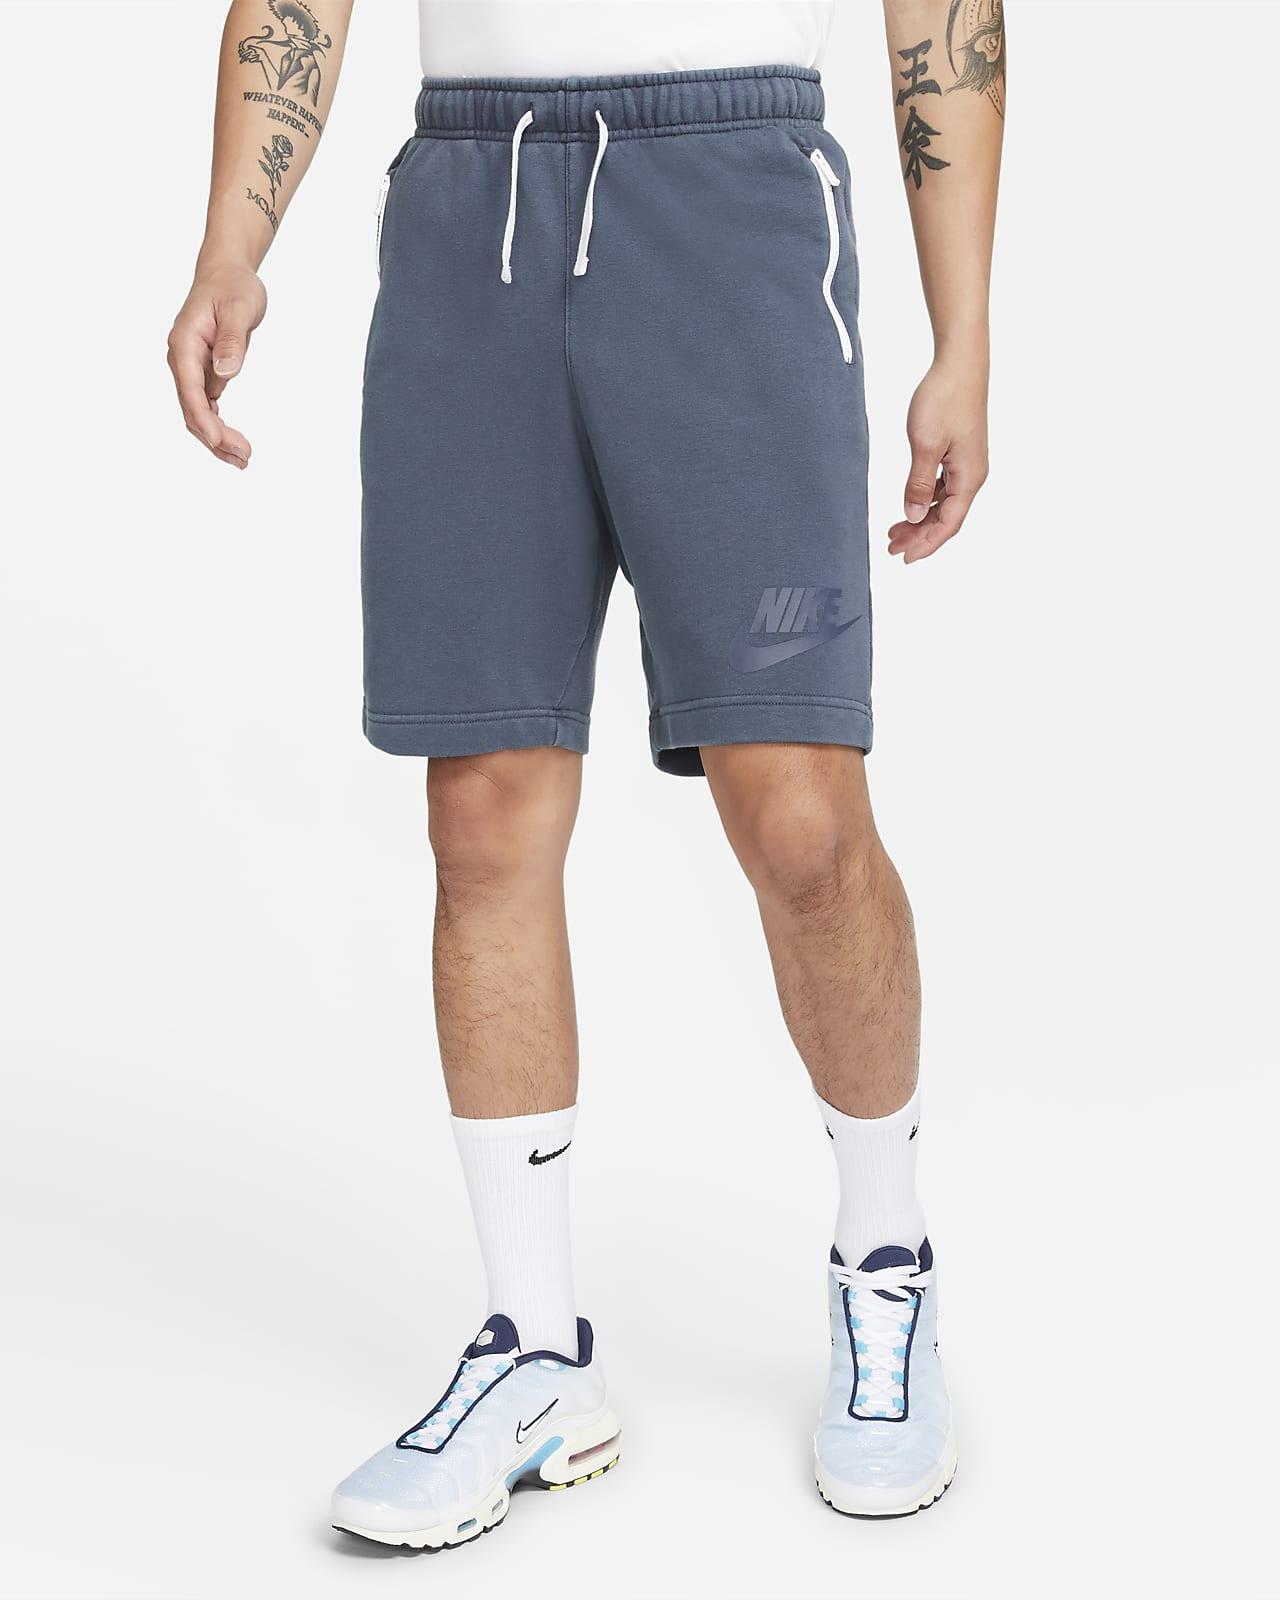 ナイキ スポーツウェア エッセンシャル+ メンズ フレンチ テリー ショートパンツ